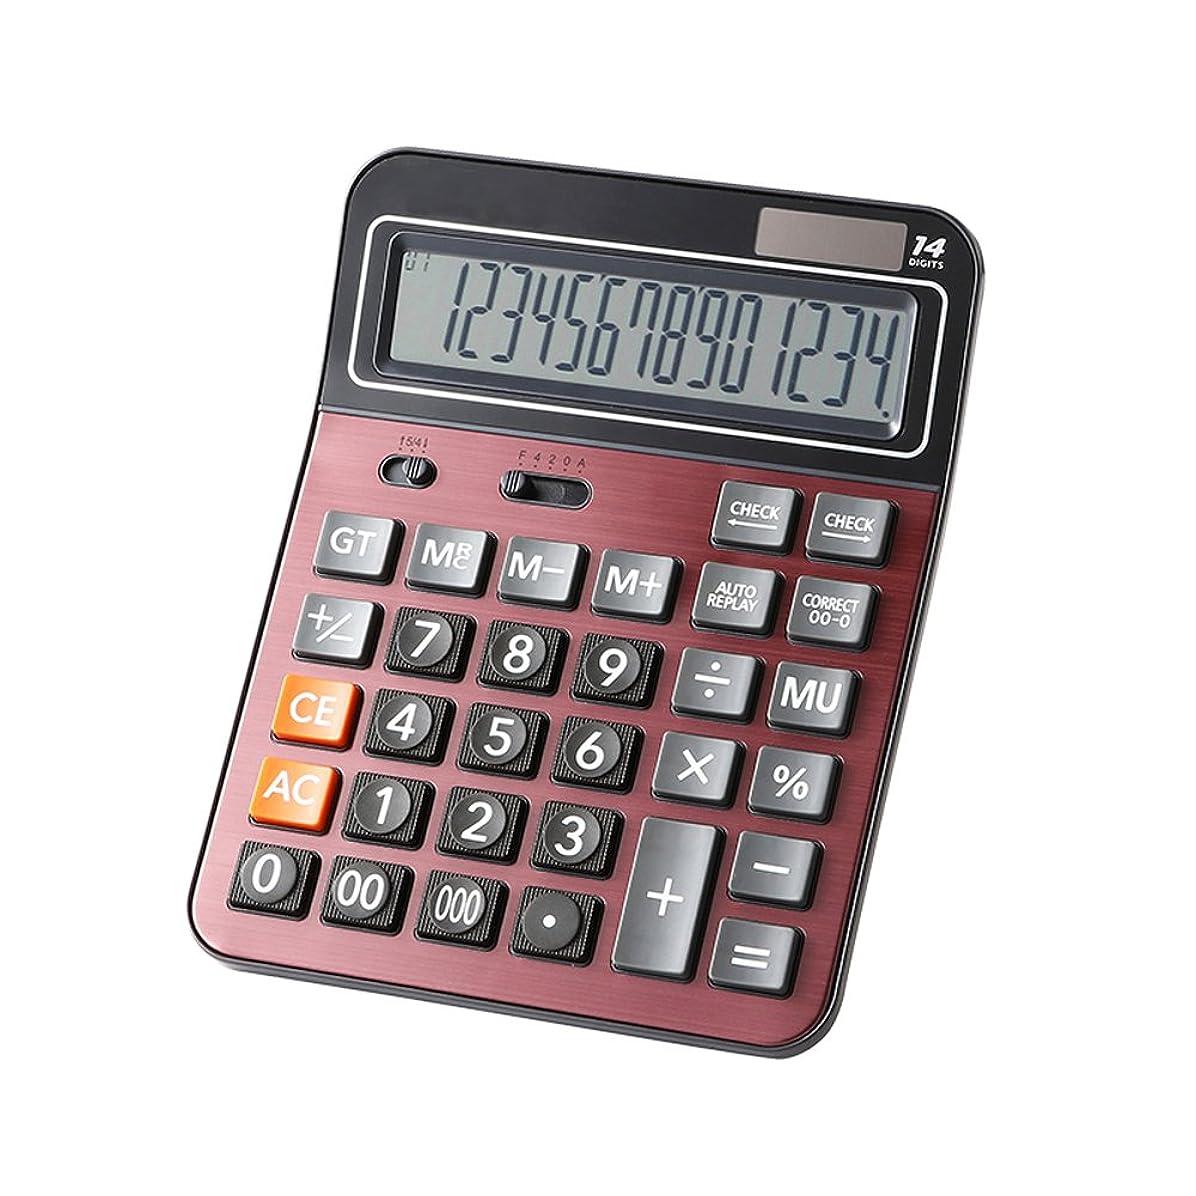 説明的オリエンテーション助けてプロフェッショナル標準Largeデスクトップ電卓、オフィス/ビジネス/電卓14桁大型表示、ソーラー、AAAバッテリーデュアル電源